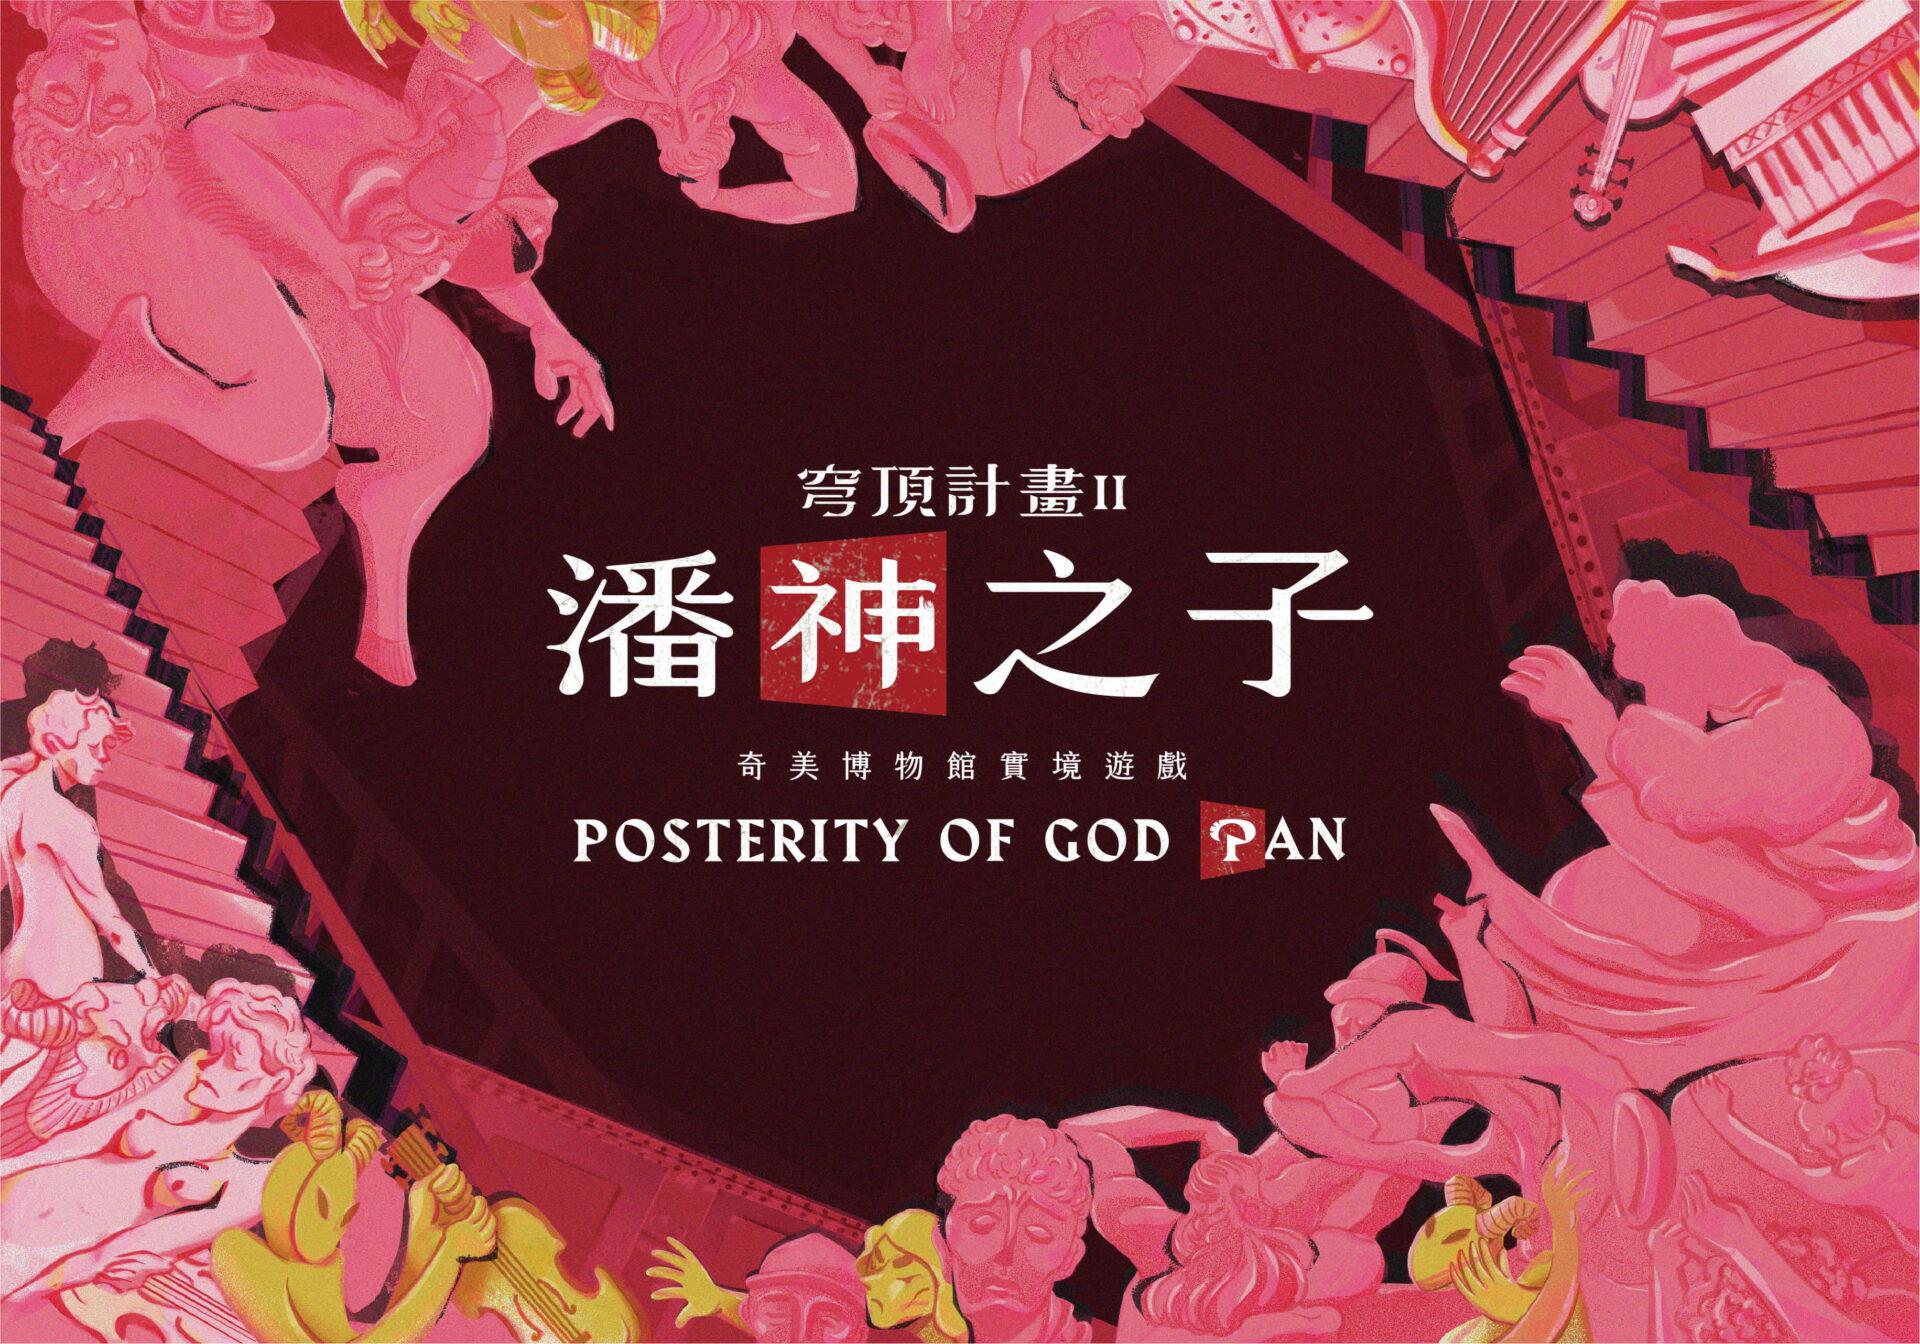 奇美博物館:2021/5/10-2023-4/30【奇美博物館實境遊戲 穹頂計畫II 潘神之子】